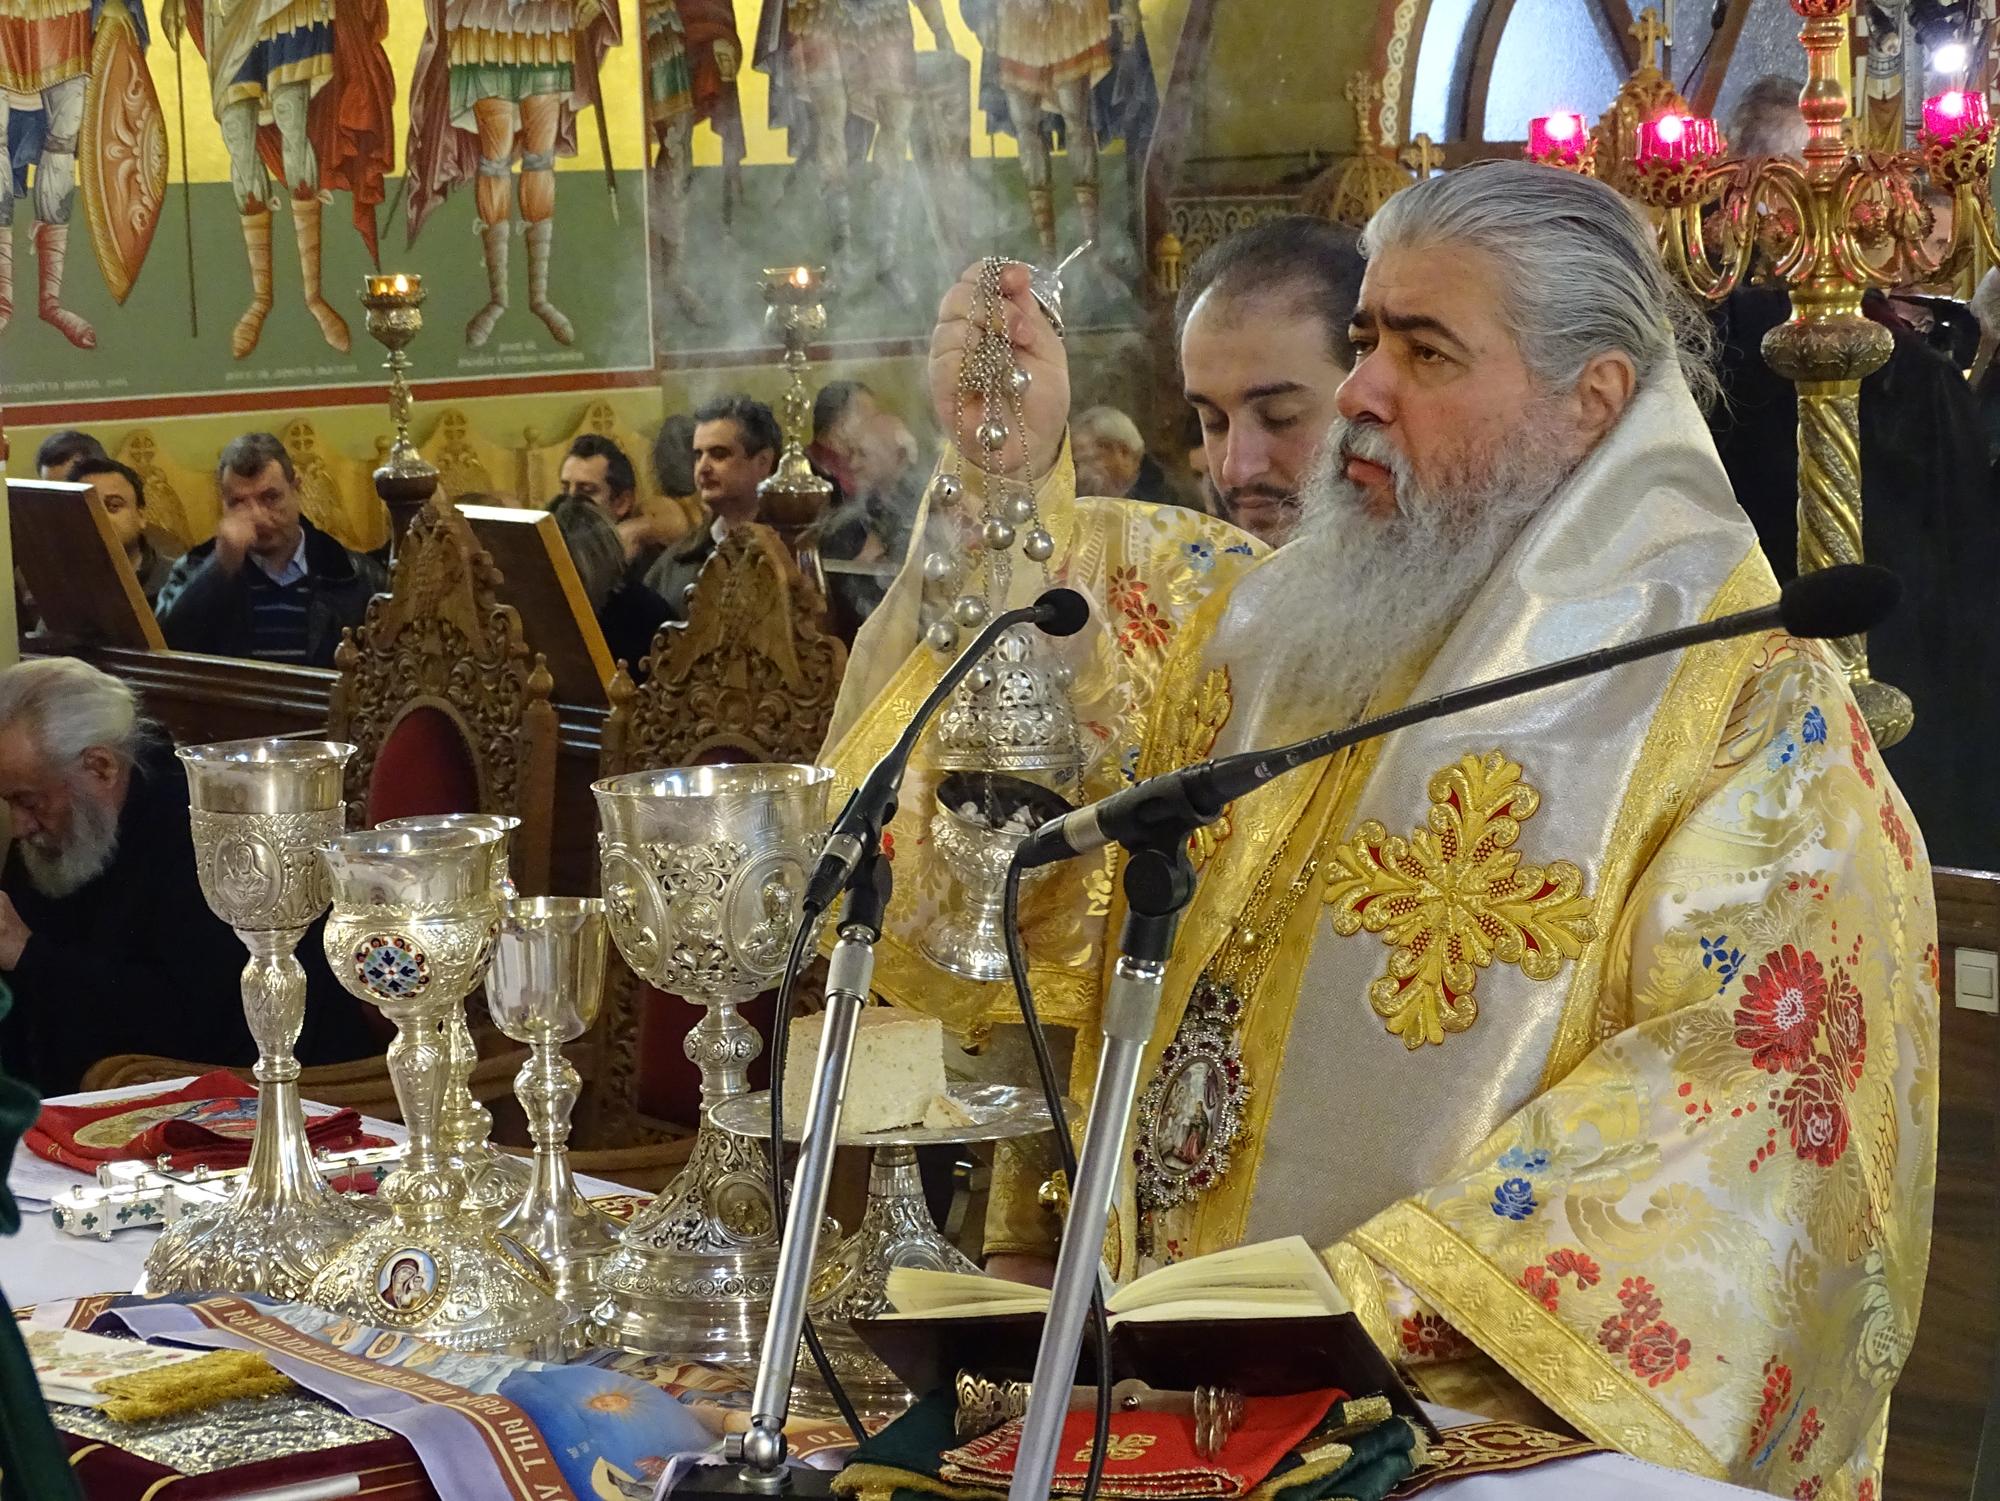 Αρχιερατική Θεία Λειτουργία προς τιμήν των συνεργατών της Ενορίας